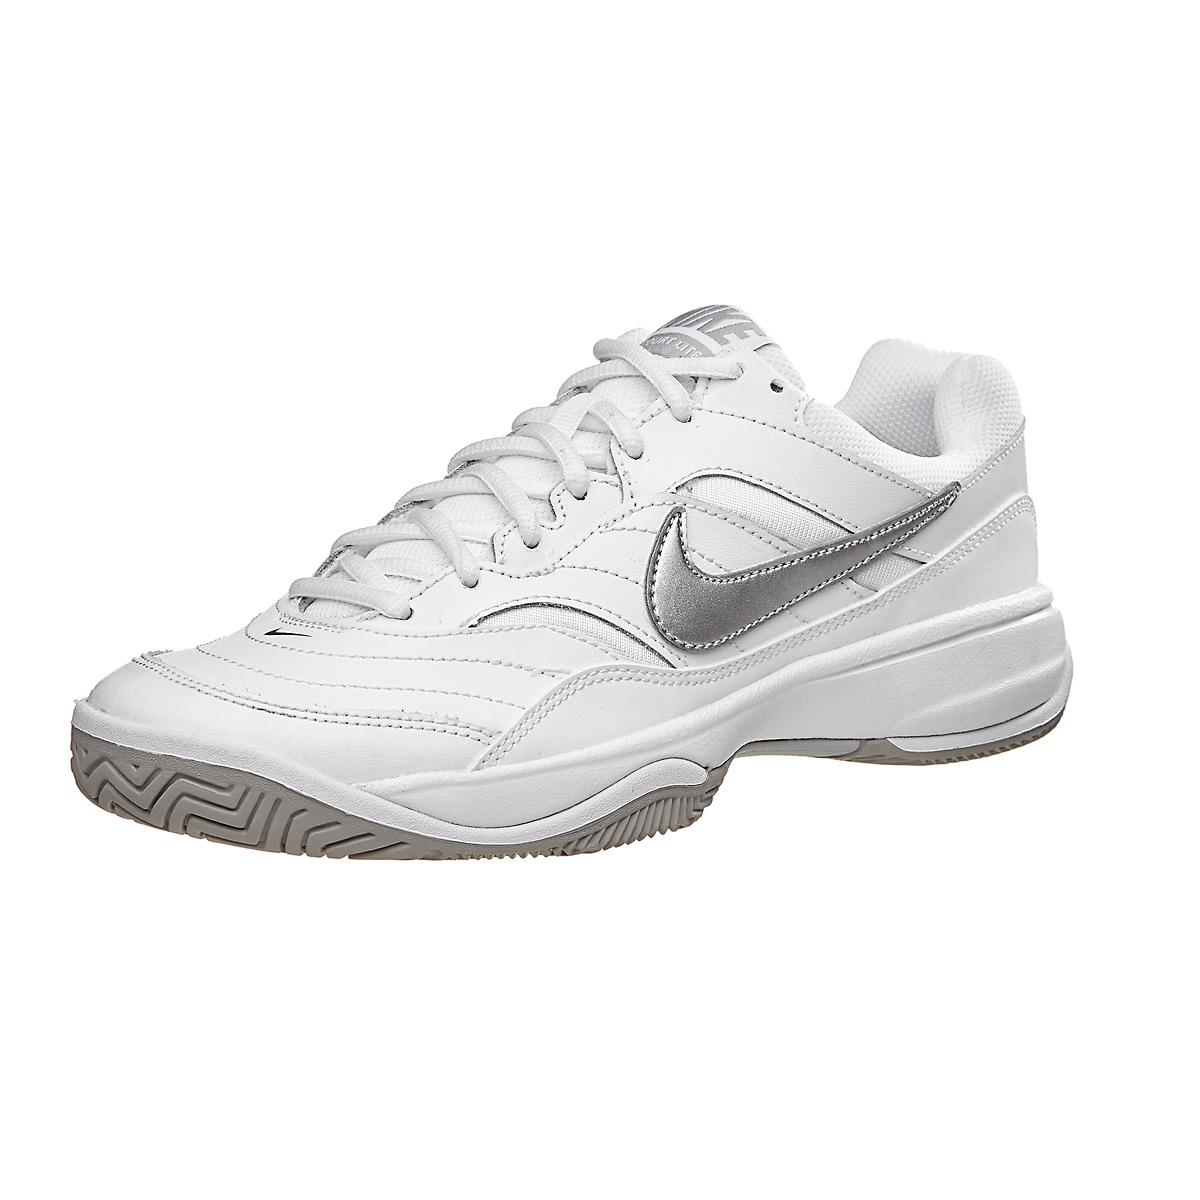 ebde0964a5 Tênis Nike Feminino Court Lite Branco e Cinza - Empório do Tenista